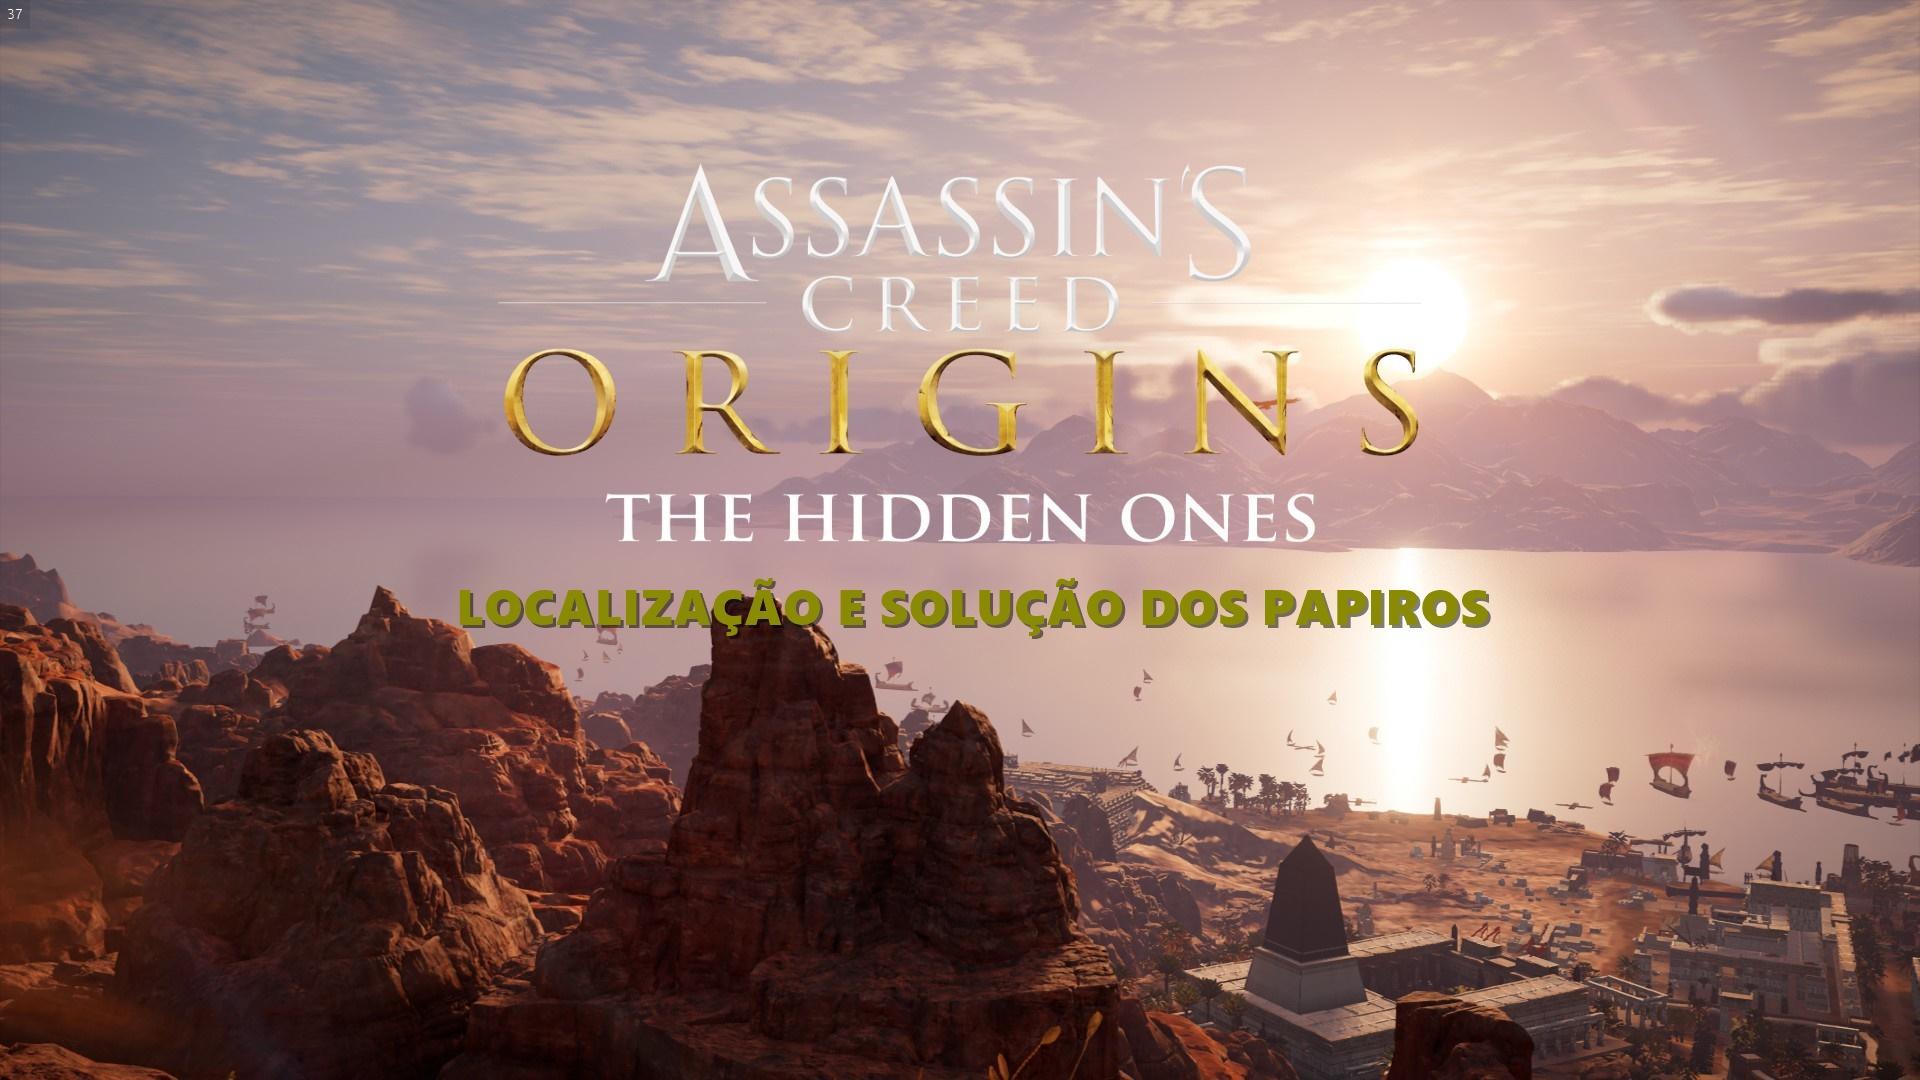 Solução e localização dos Papiros de Assassin's Creed Origins - The Hidden Ones (Os ocultos)